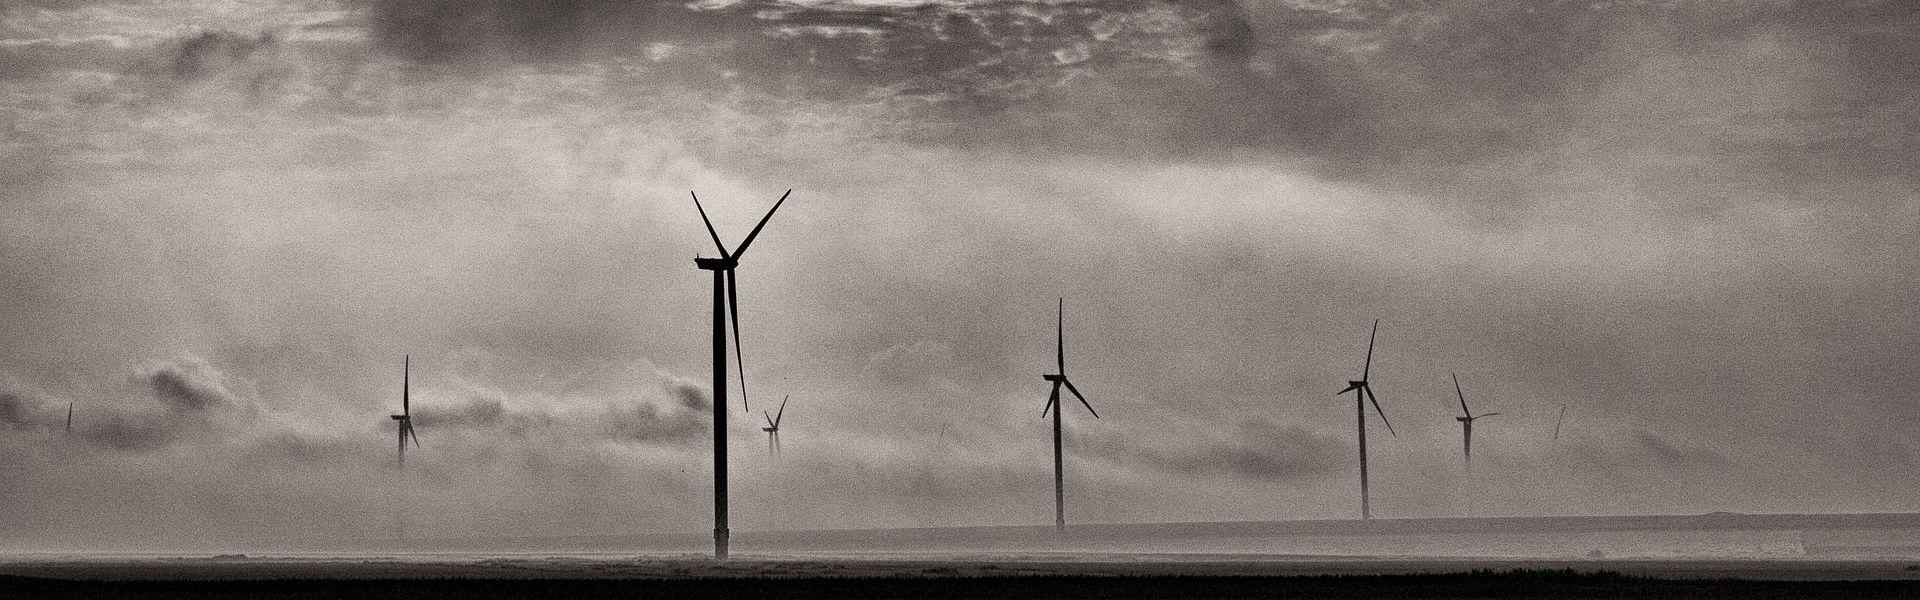 Windmolens van mihaifilipoaia bij de column 'Stank van lente' van Paul Schrijft